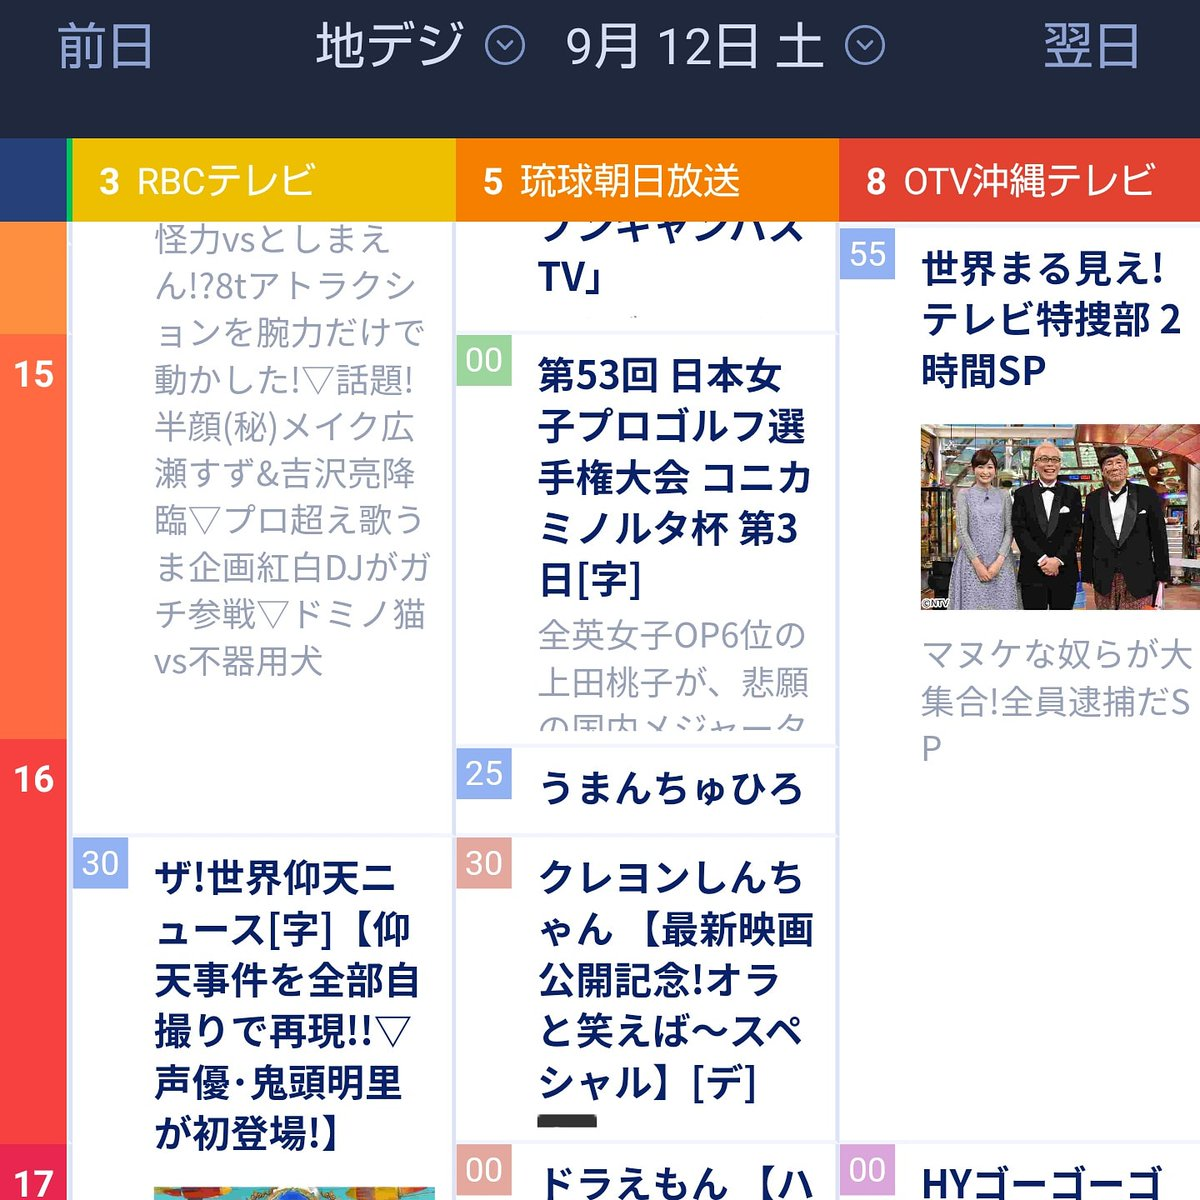 番組 テレビ 沖縄 表 県